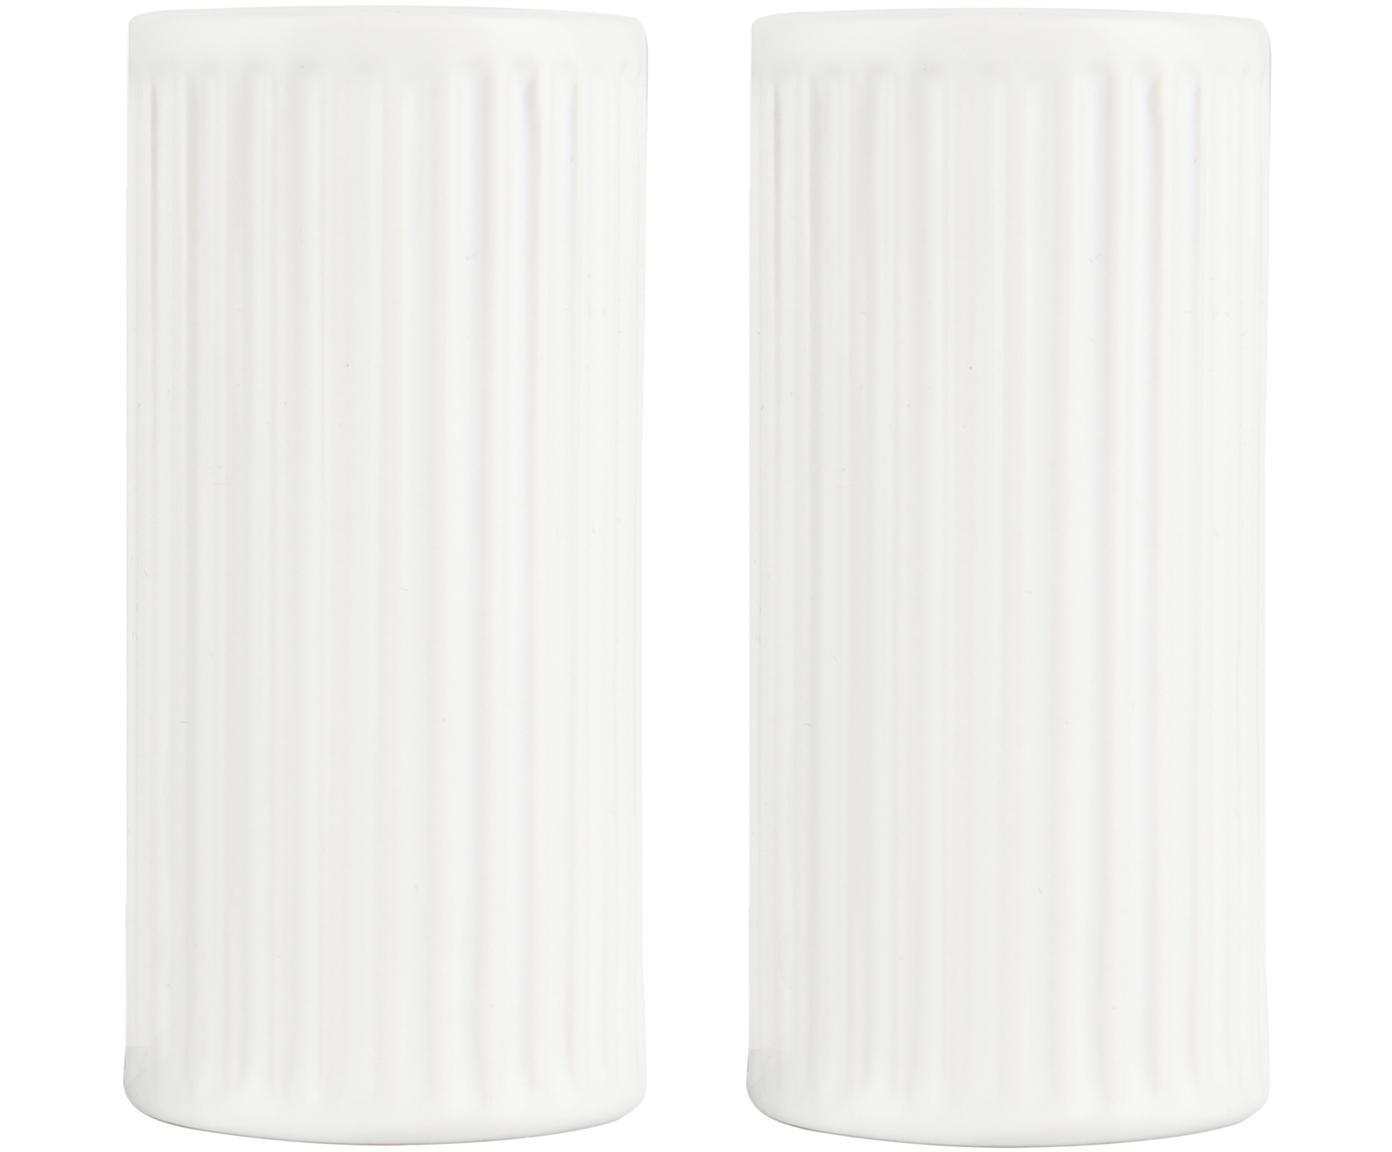 Weiße Salz- und Pfefferstreuer Groove mit Rillenstruktur, 2er-Set, Steingut, Weiß, Ø 5 x H 9 cm